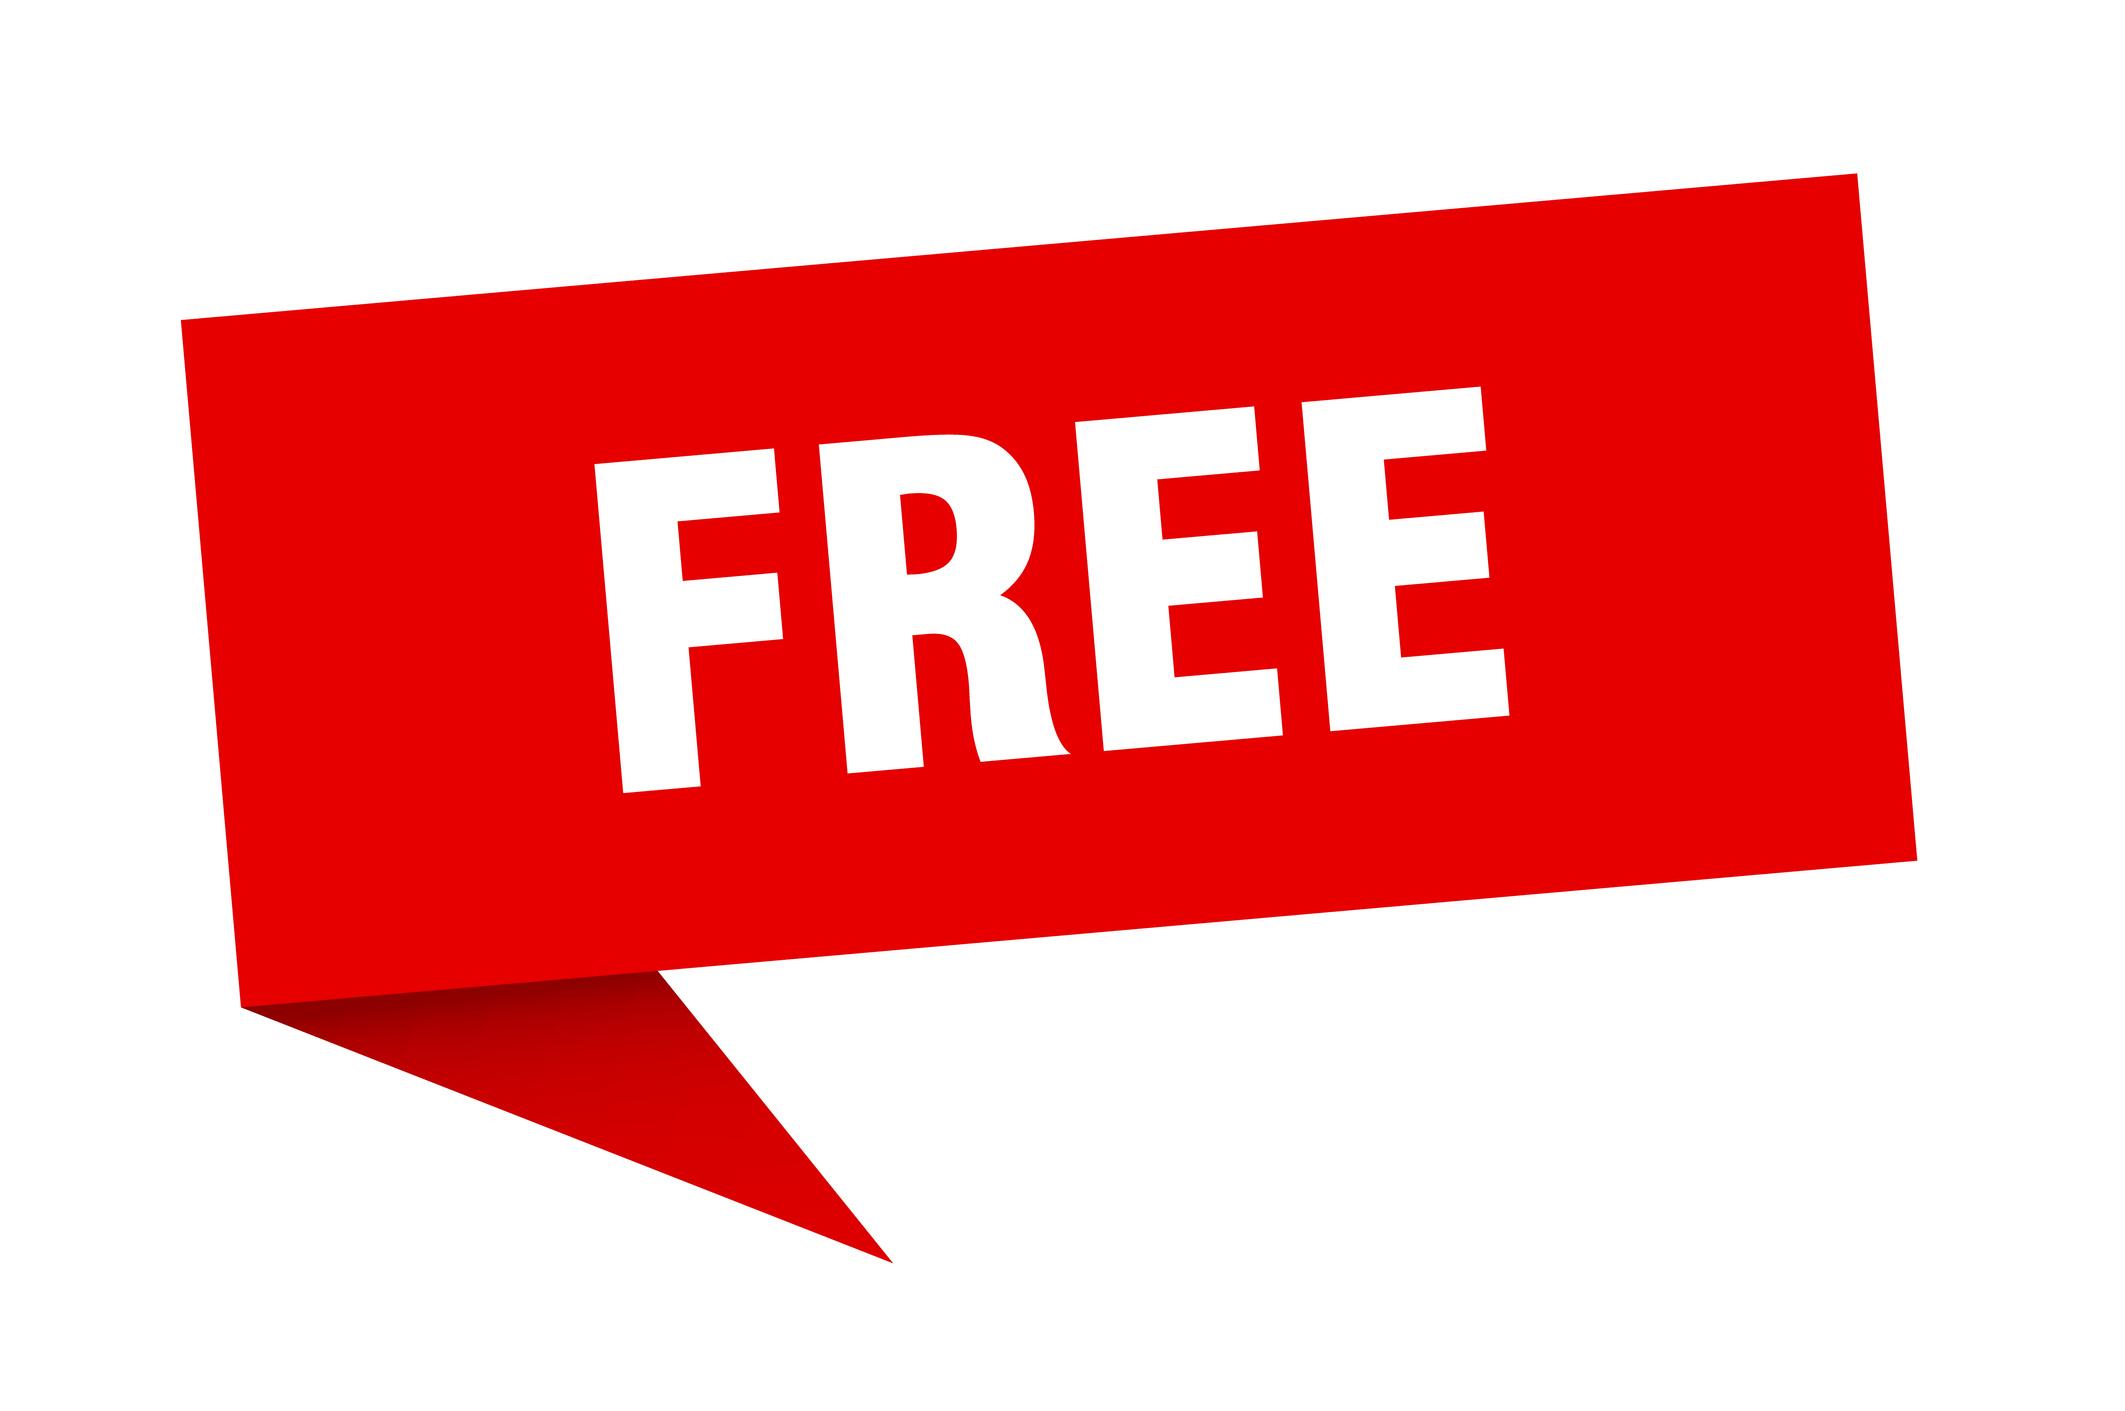 想靠免費戰略吸引客戶?7大策略搞懂「會員制」決勝點